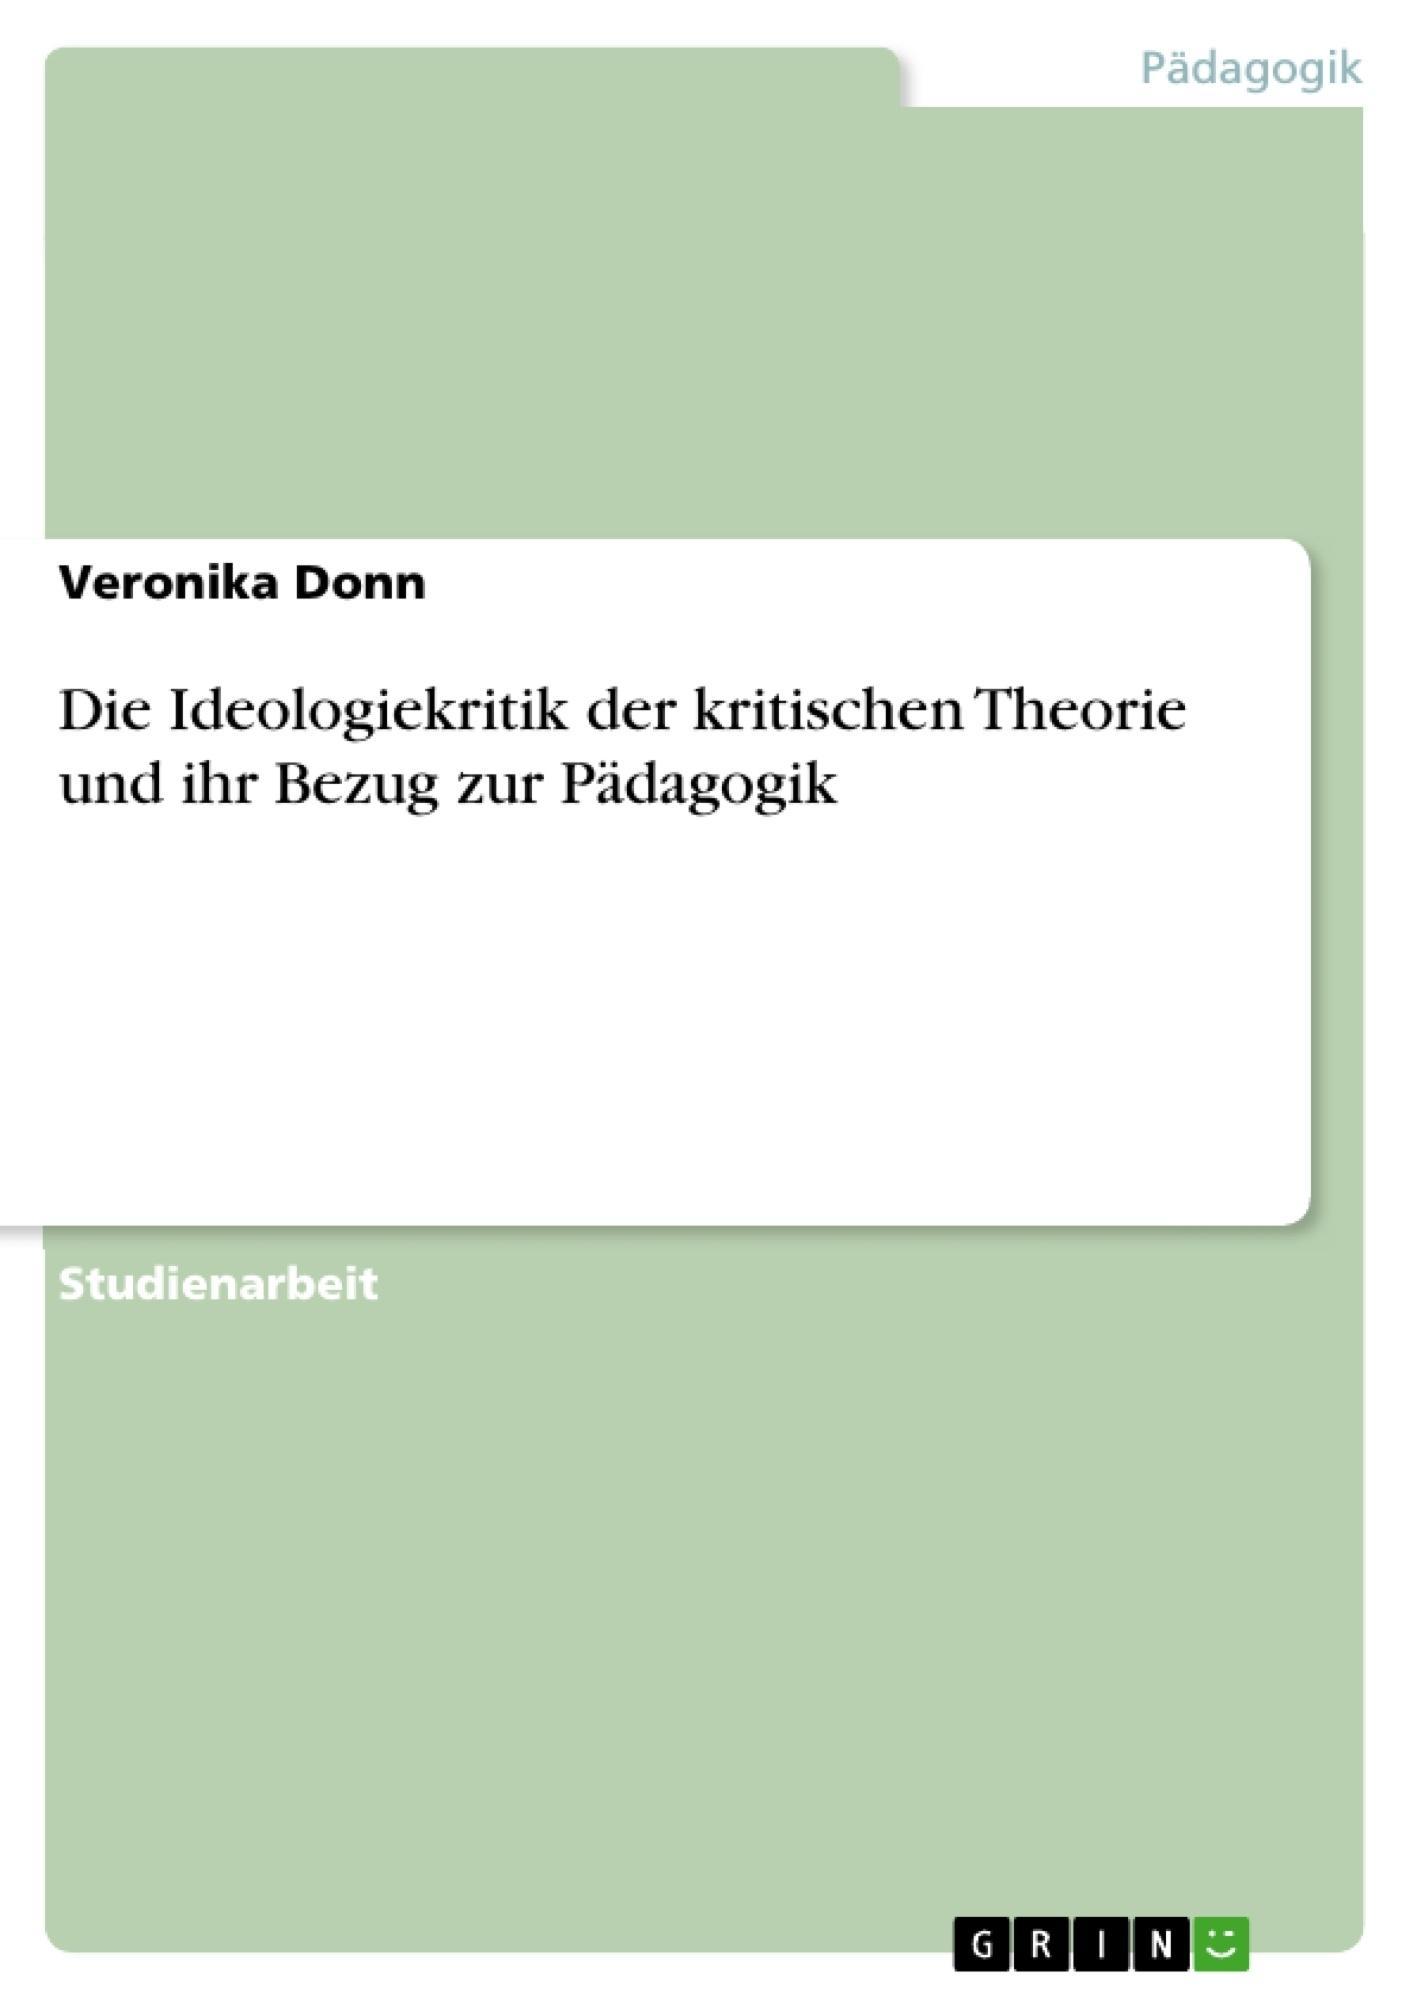 Titel: Die Ideologiekritik der kritischen Theorie und ihr Bezug zur Pädagogik